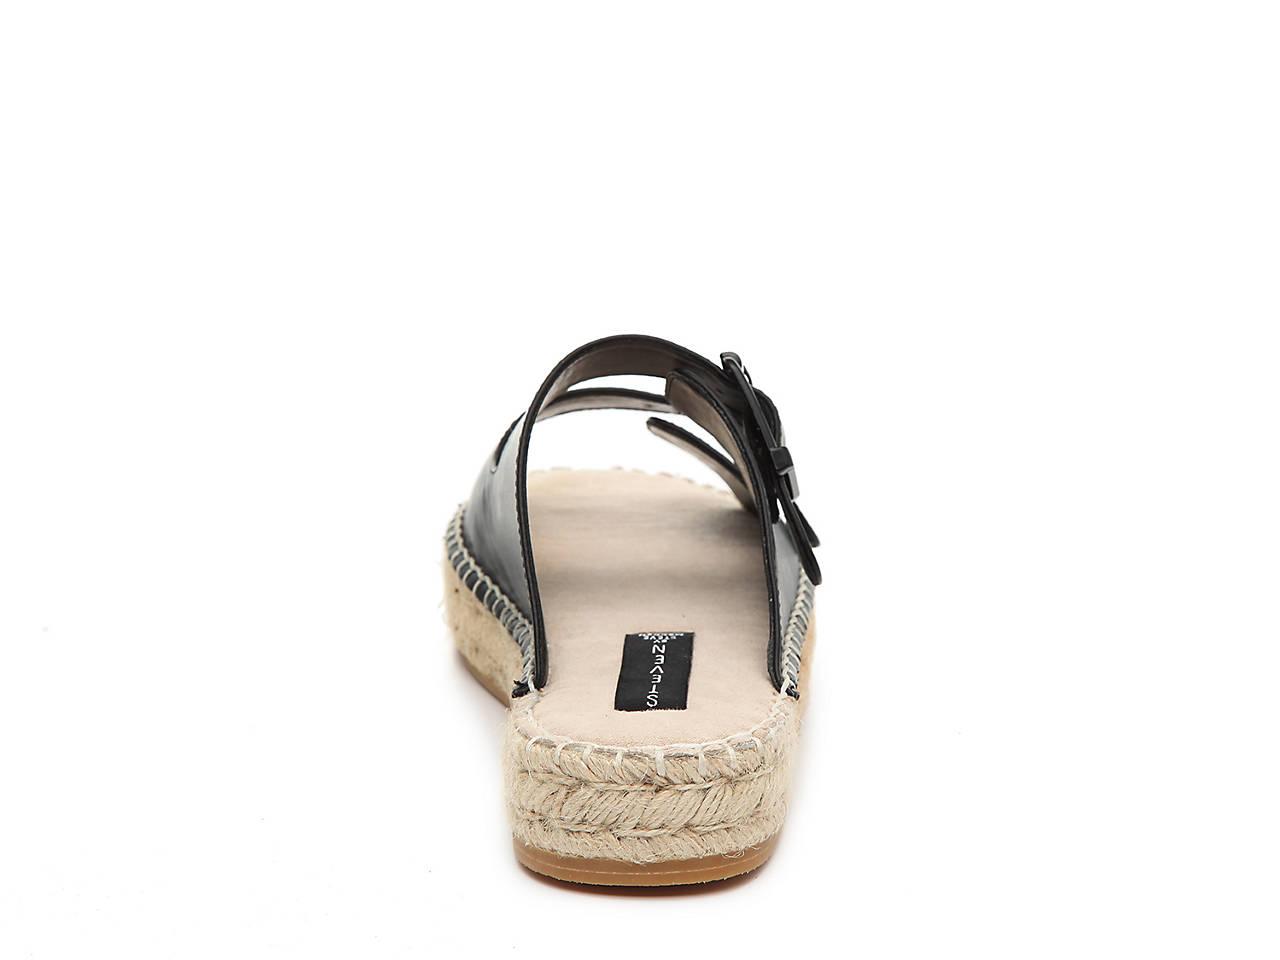 32b337b5b77 Steven by Steve Madden Lapis Espadrille Platform Sandal Men s Shoes ...